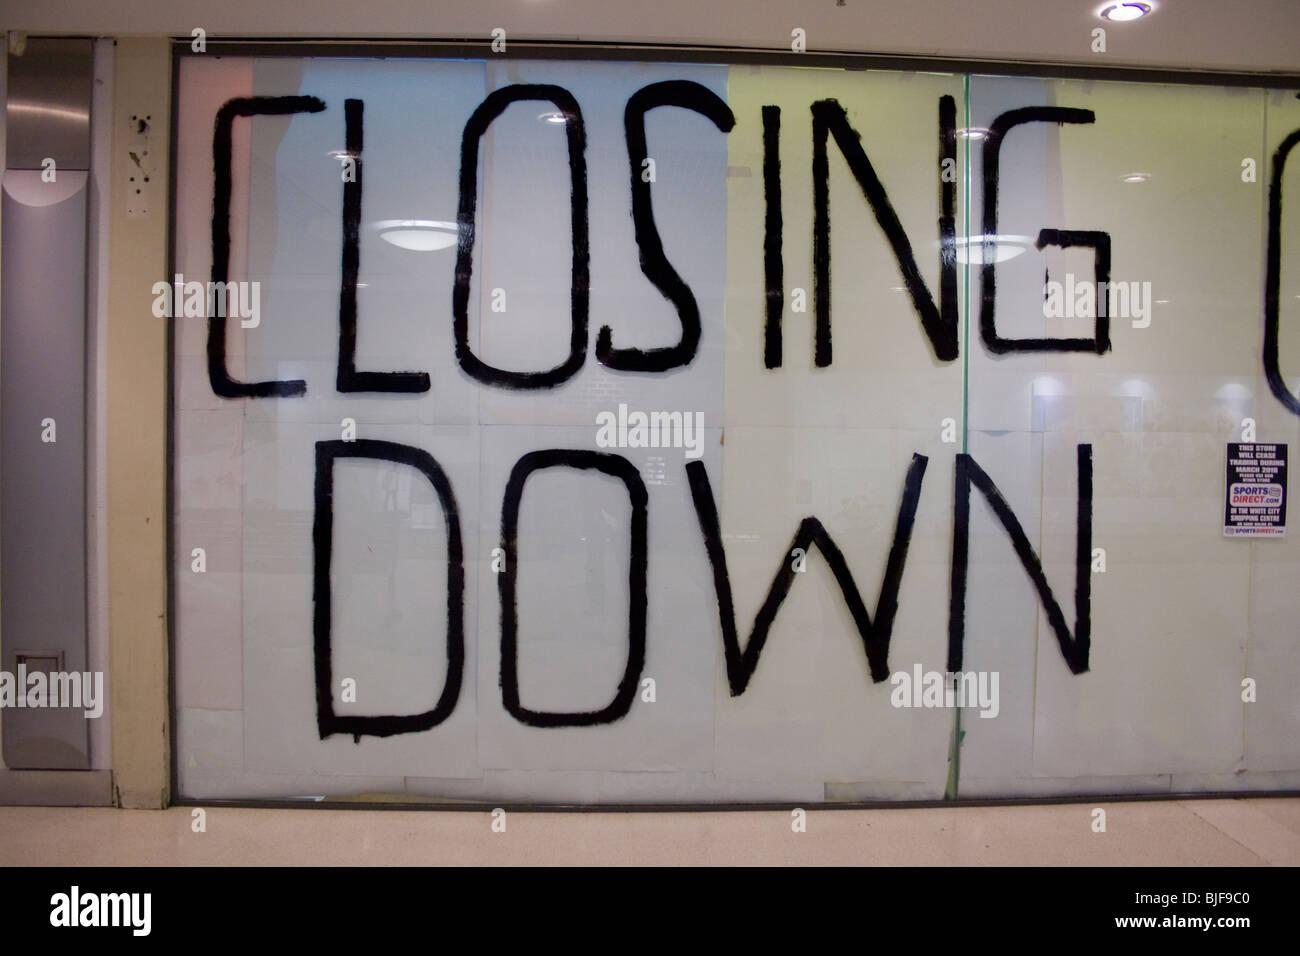 Schließen Sie in großen Buchstaben auf einem Schaufenster geschrieben Stockfoto